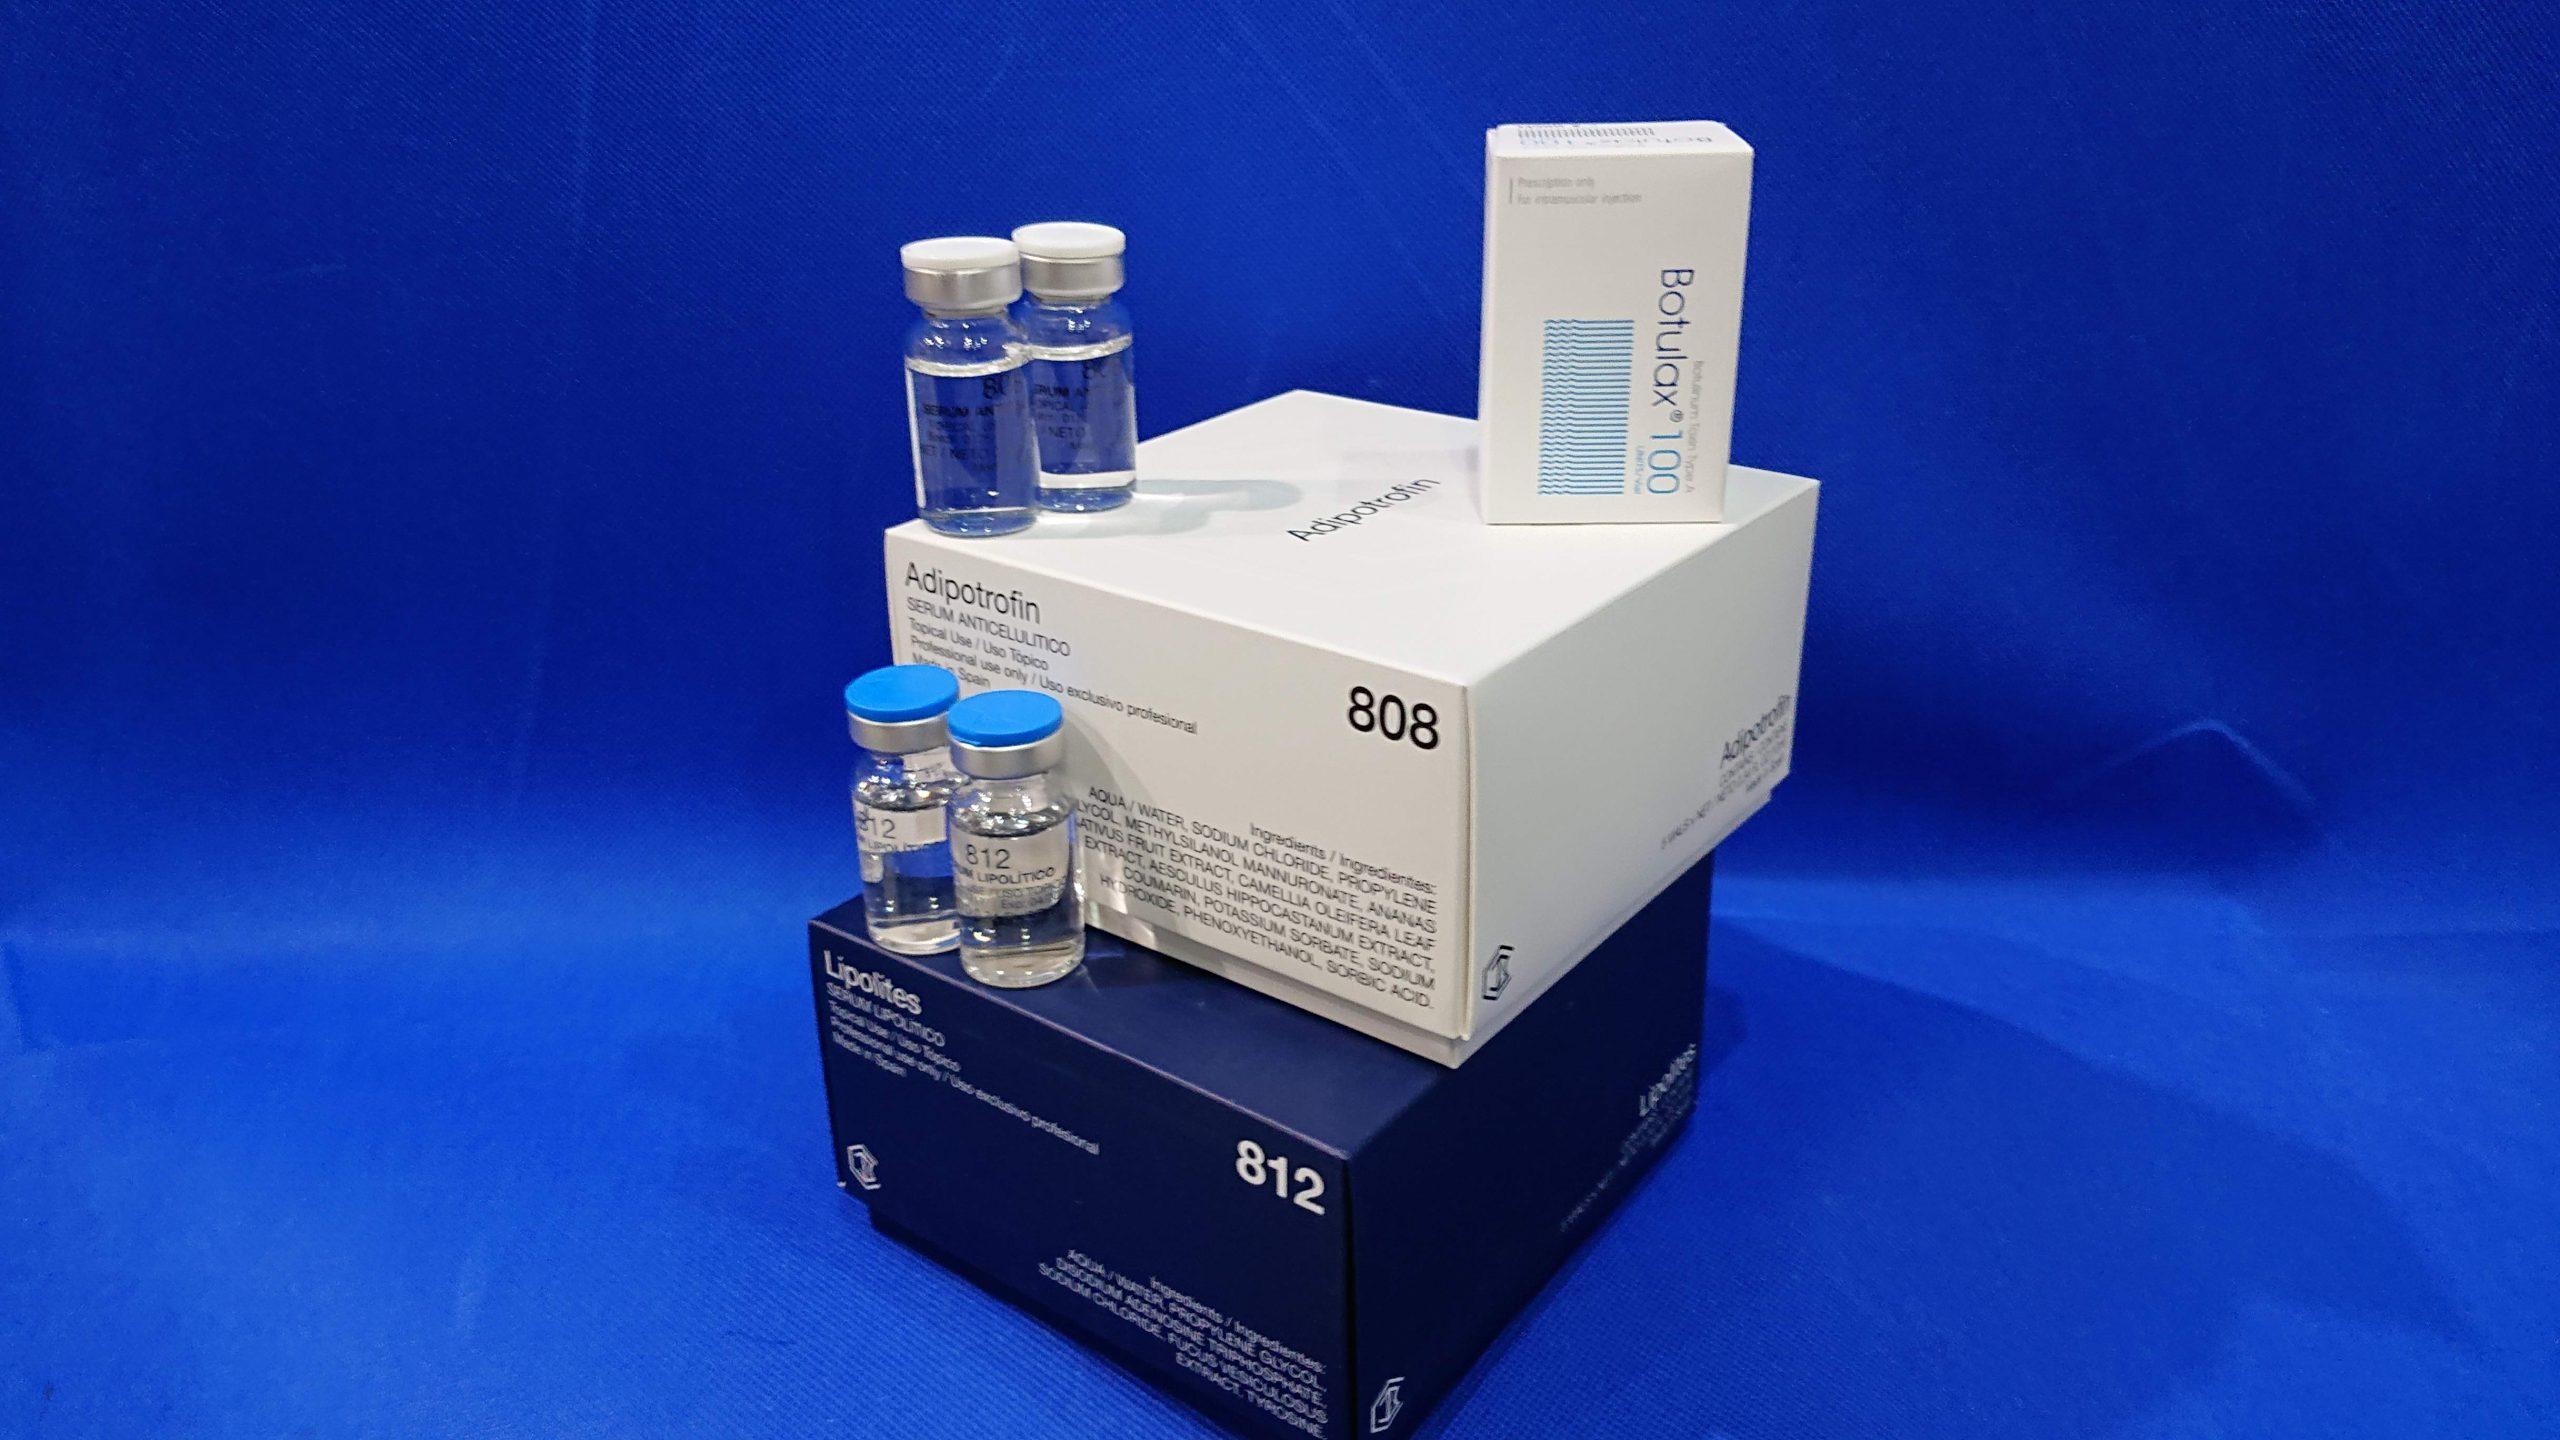 リポライツの箱とバイアル、アディポトロフィンの箱とバイアル、ボツラックスの箱の画像です。